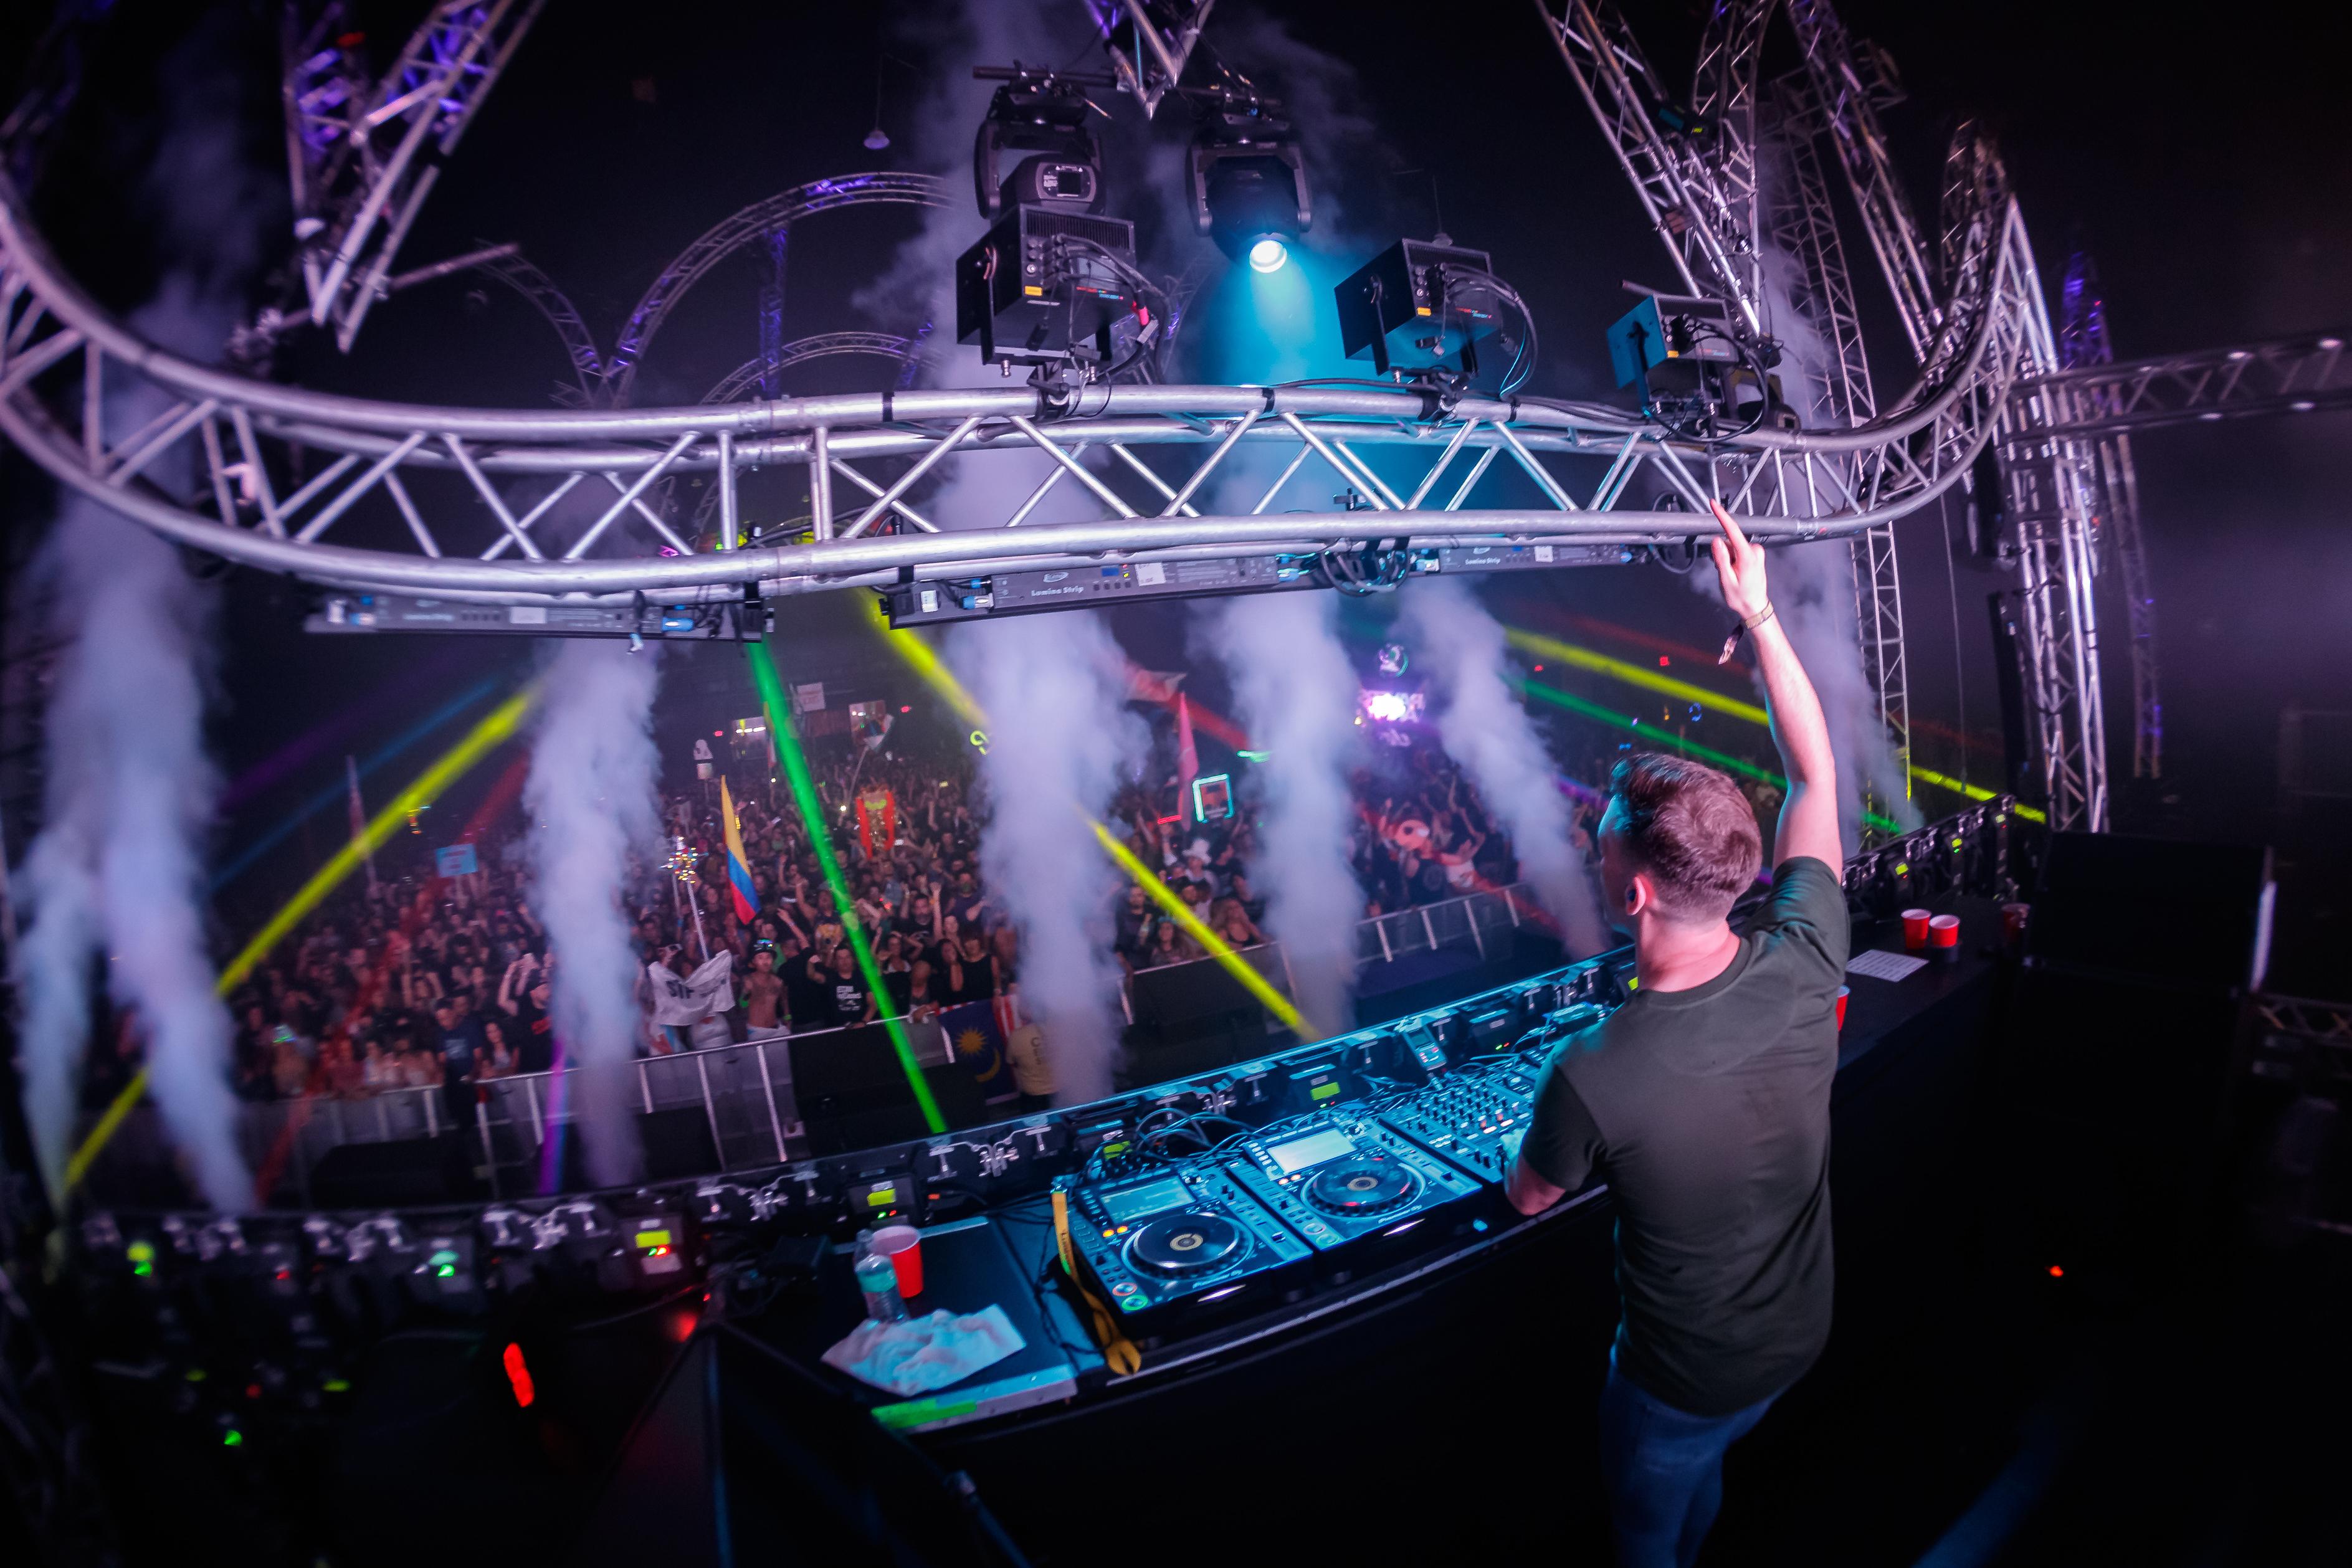 A DJ raises his hand